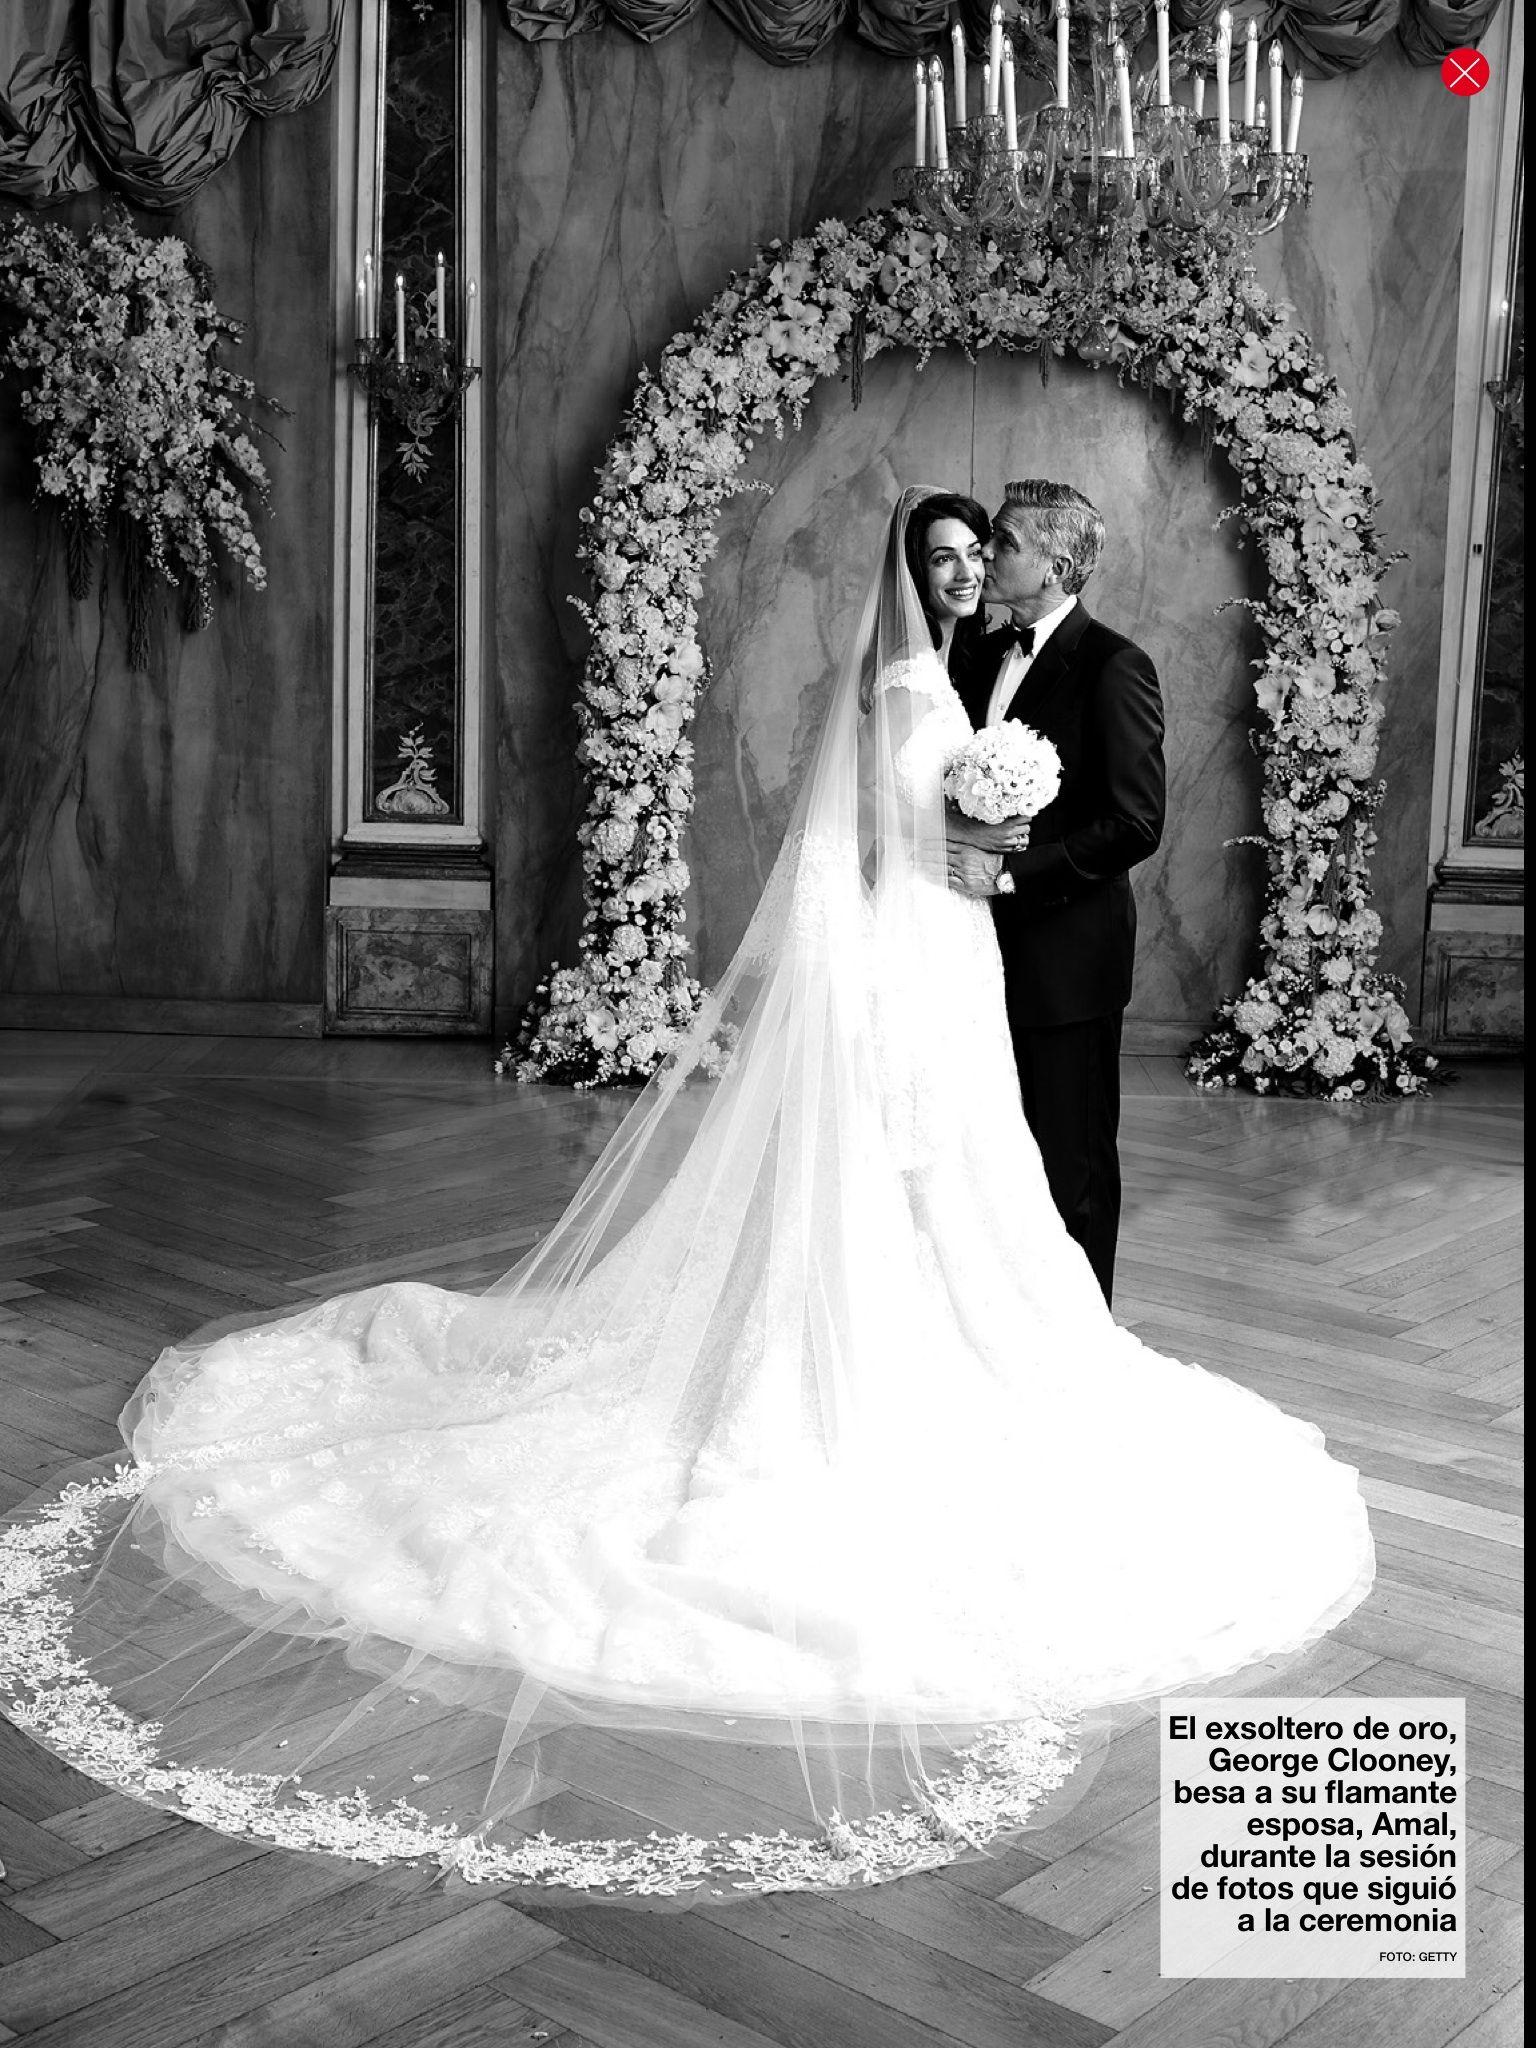 Image158 Jpg 1536 2048 George Clooney Hochzeit Hochzeitsfeier Ideen Mutter Der Braut